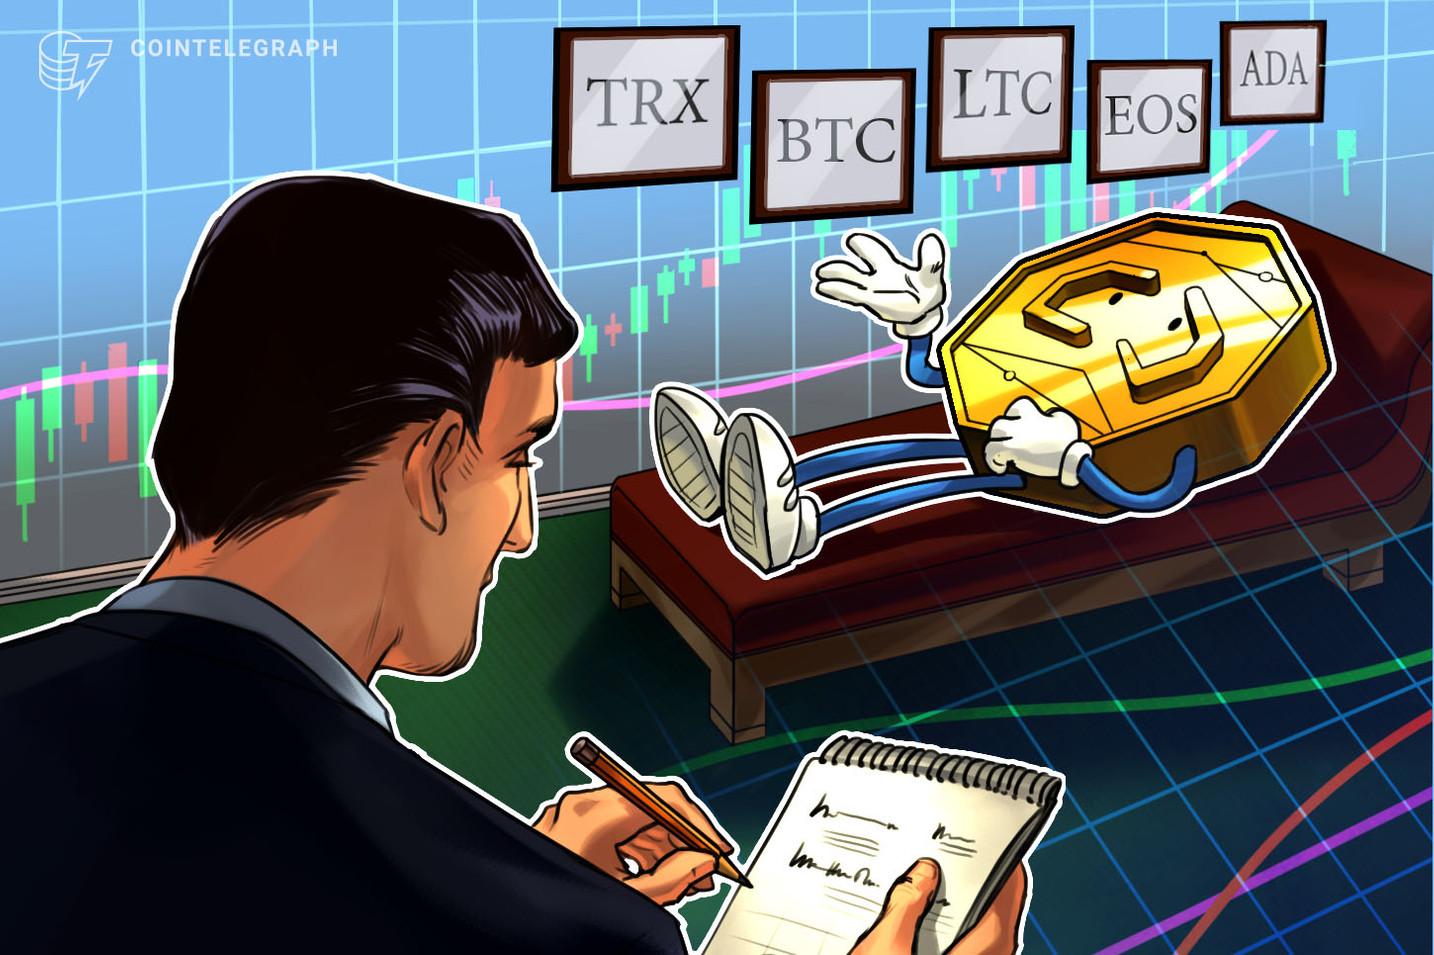 主要仮想通貨5銘柄の価格分析:トロン、ビットコイン、ライトコイン、EOS、カルダノの今後の値動きは?